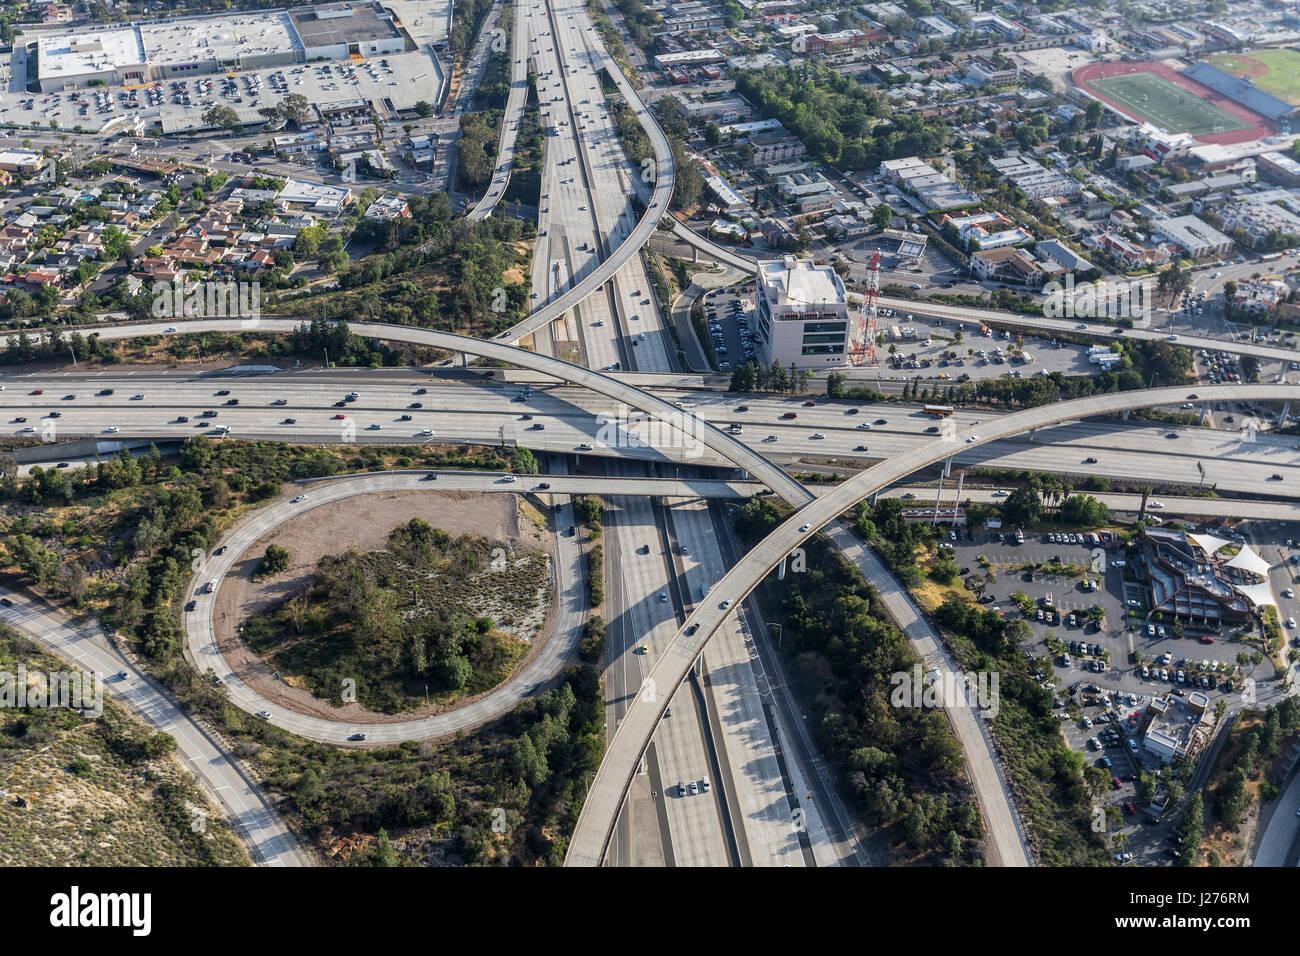 Vista aerea del Glendale 2 e Ventura 134 Interscambio superstrada in Eagle Rock quartiere di Los Angeles, California. Immagini Stock